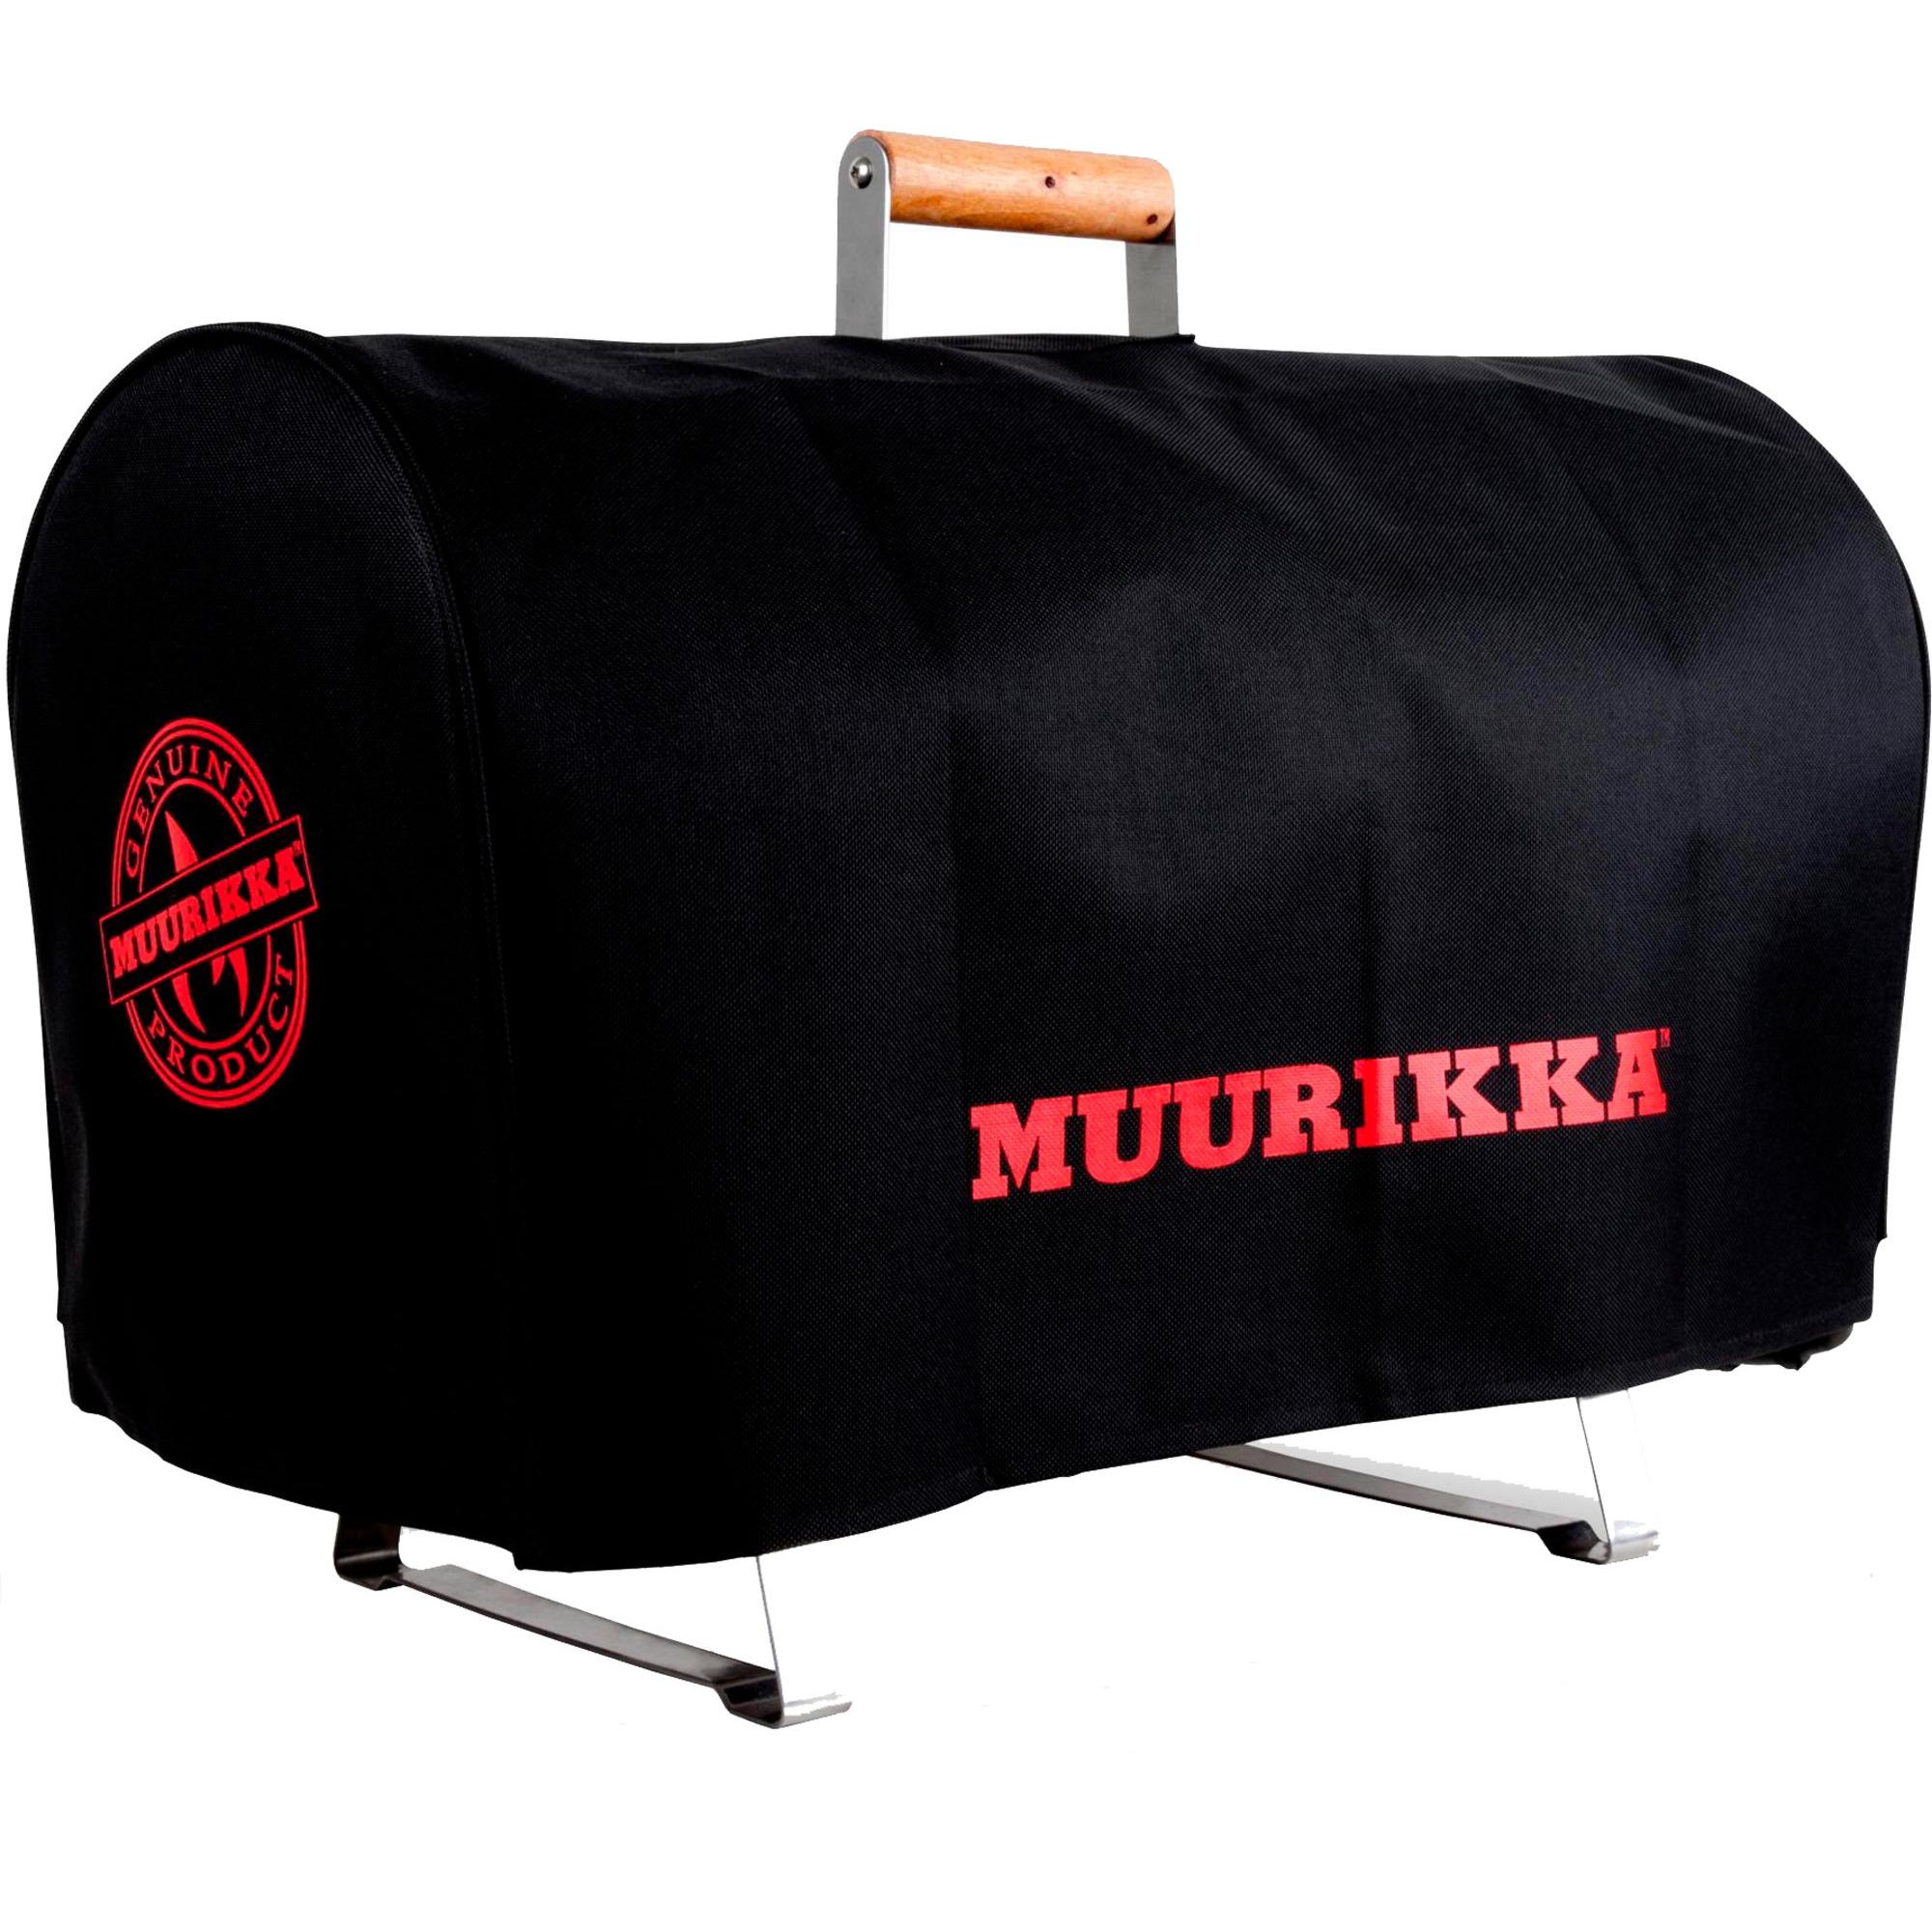 Muurikka Skyddsöverdrag till Elrök 1200W